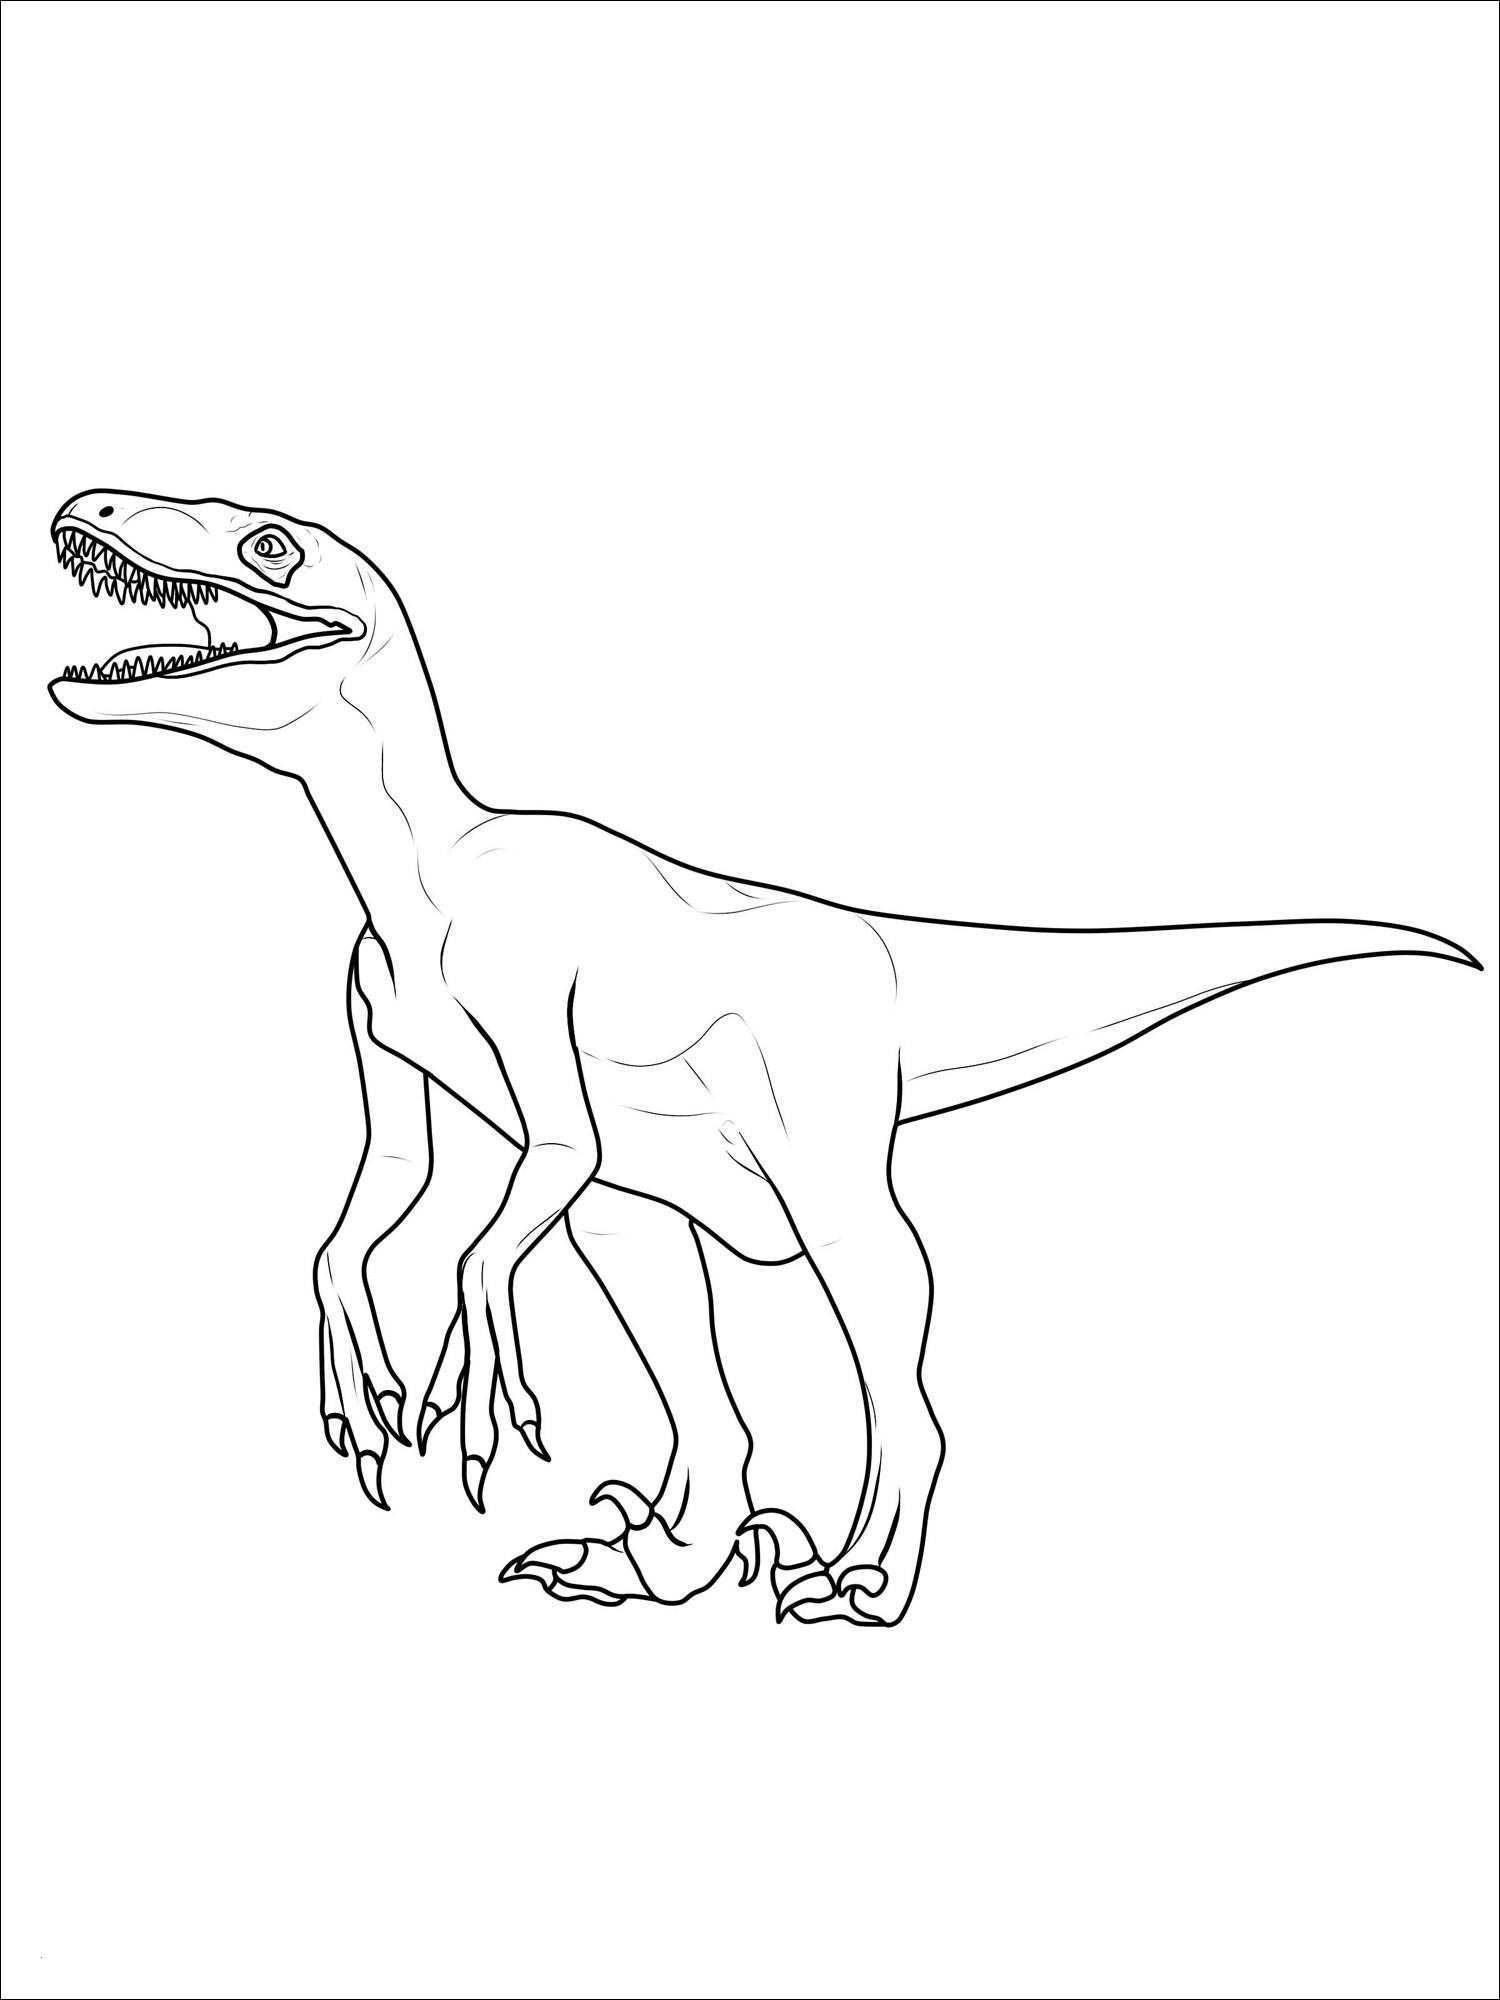 Dinosaurier Ausmalbilder Tyrannosaurus Rex Inspirierend Ausmalbilder T Rex Aufnahme Bayern Ausmalbilder Frisch Igel Sammlung